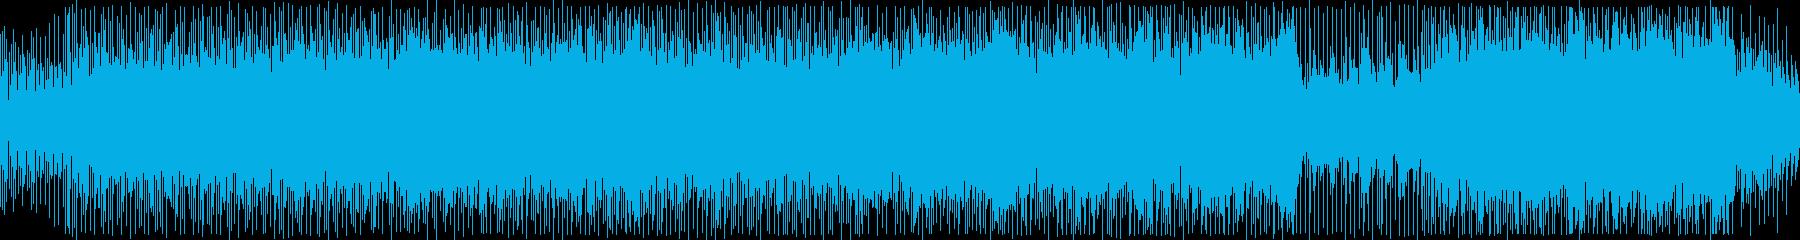 ピアノが軽快なリズムを刻むポップスBGMの再生済みの波形